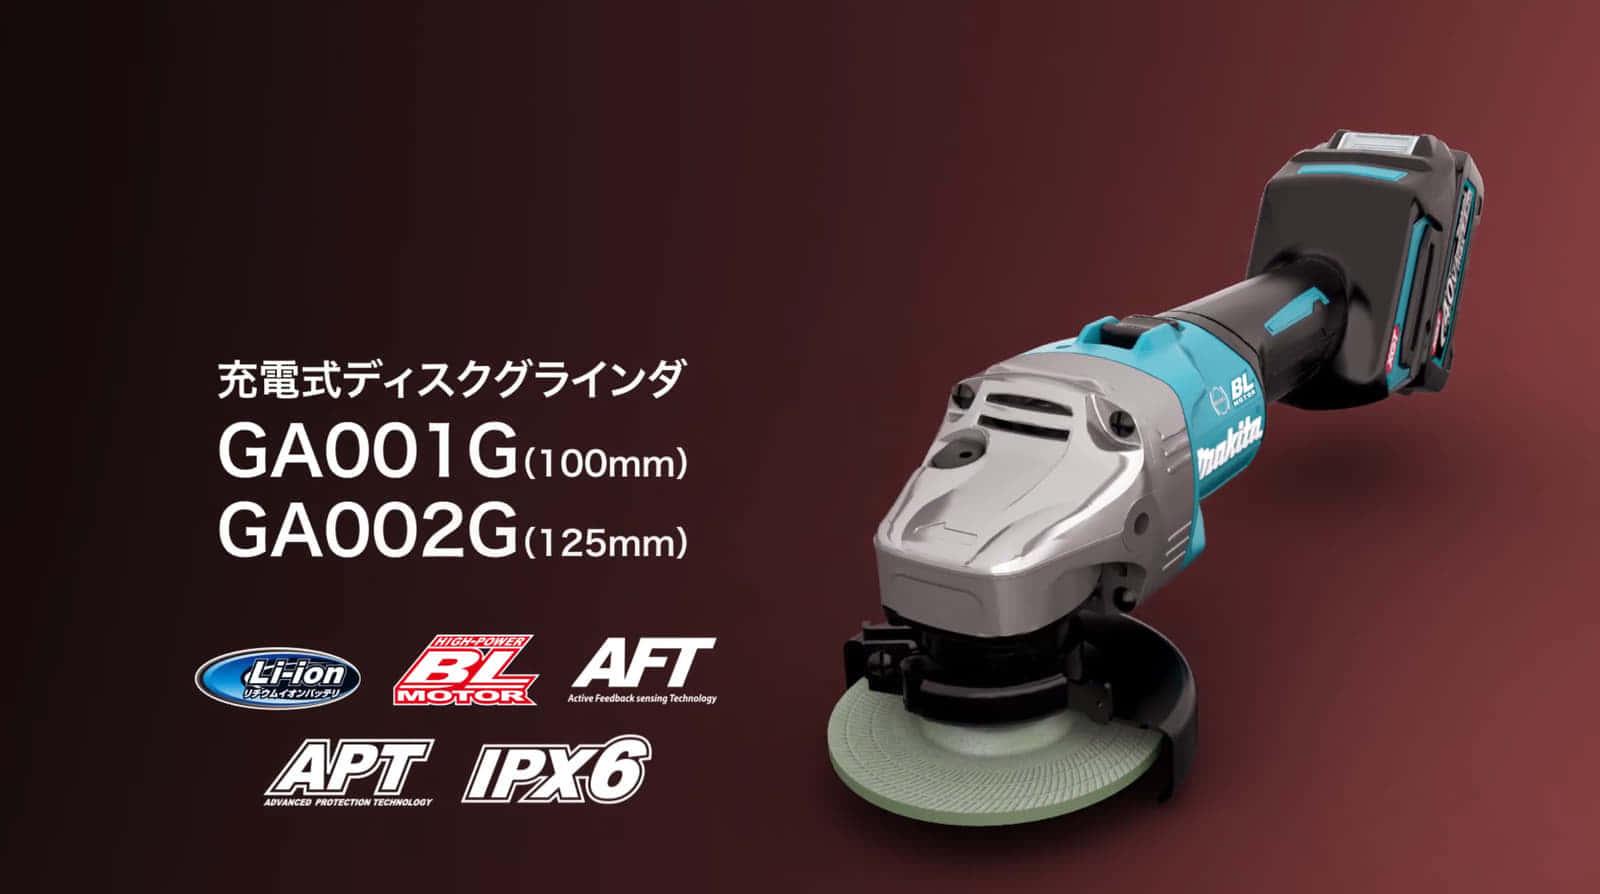 マキタ GA001G 40V MAXディスクグラインダ、重負荷に強く AC工具を超える切断能力